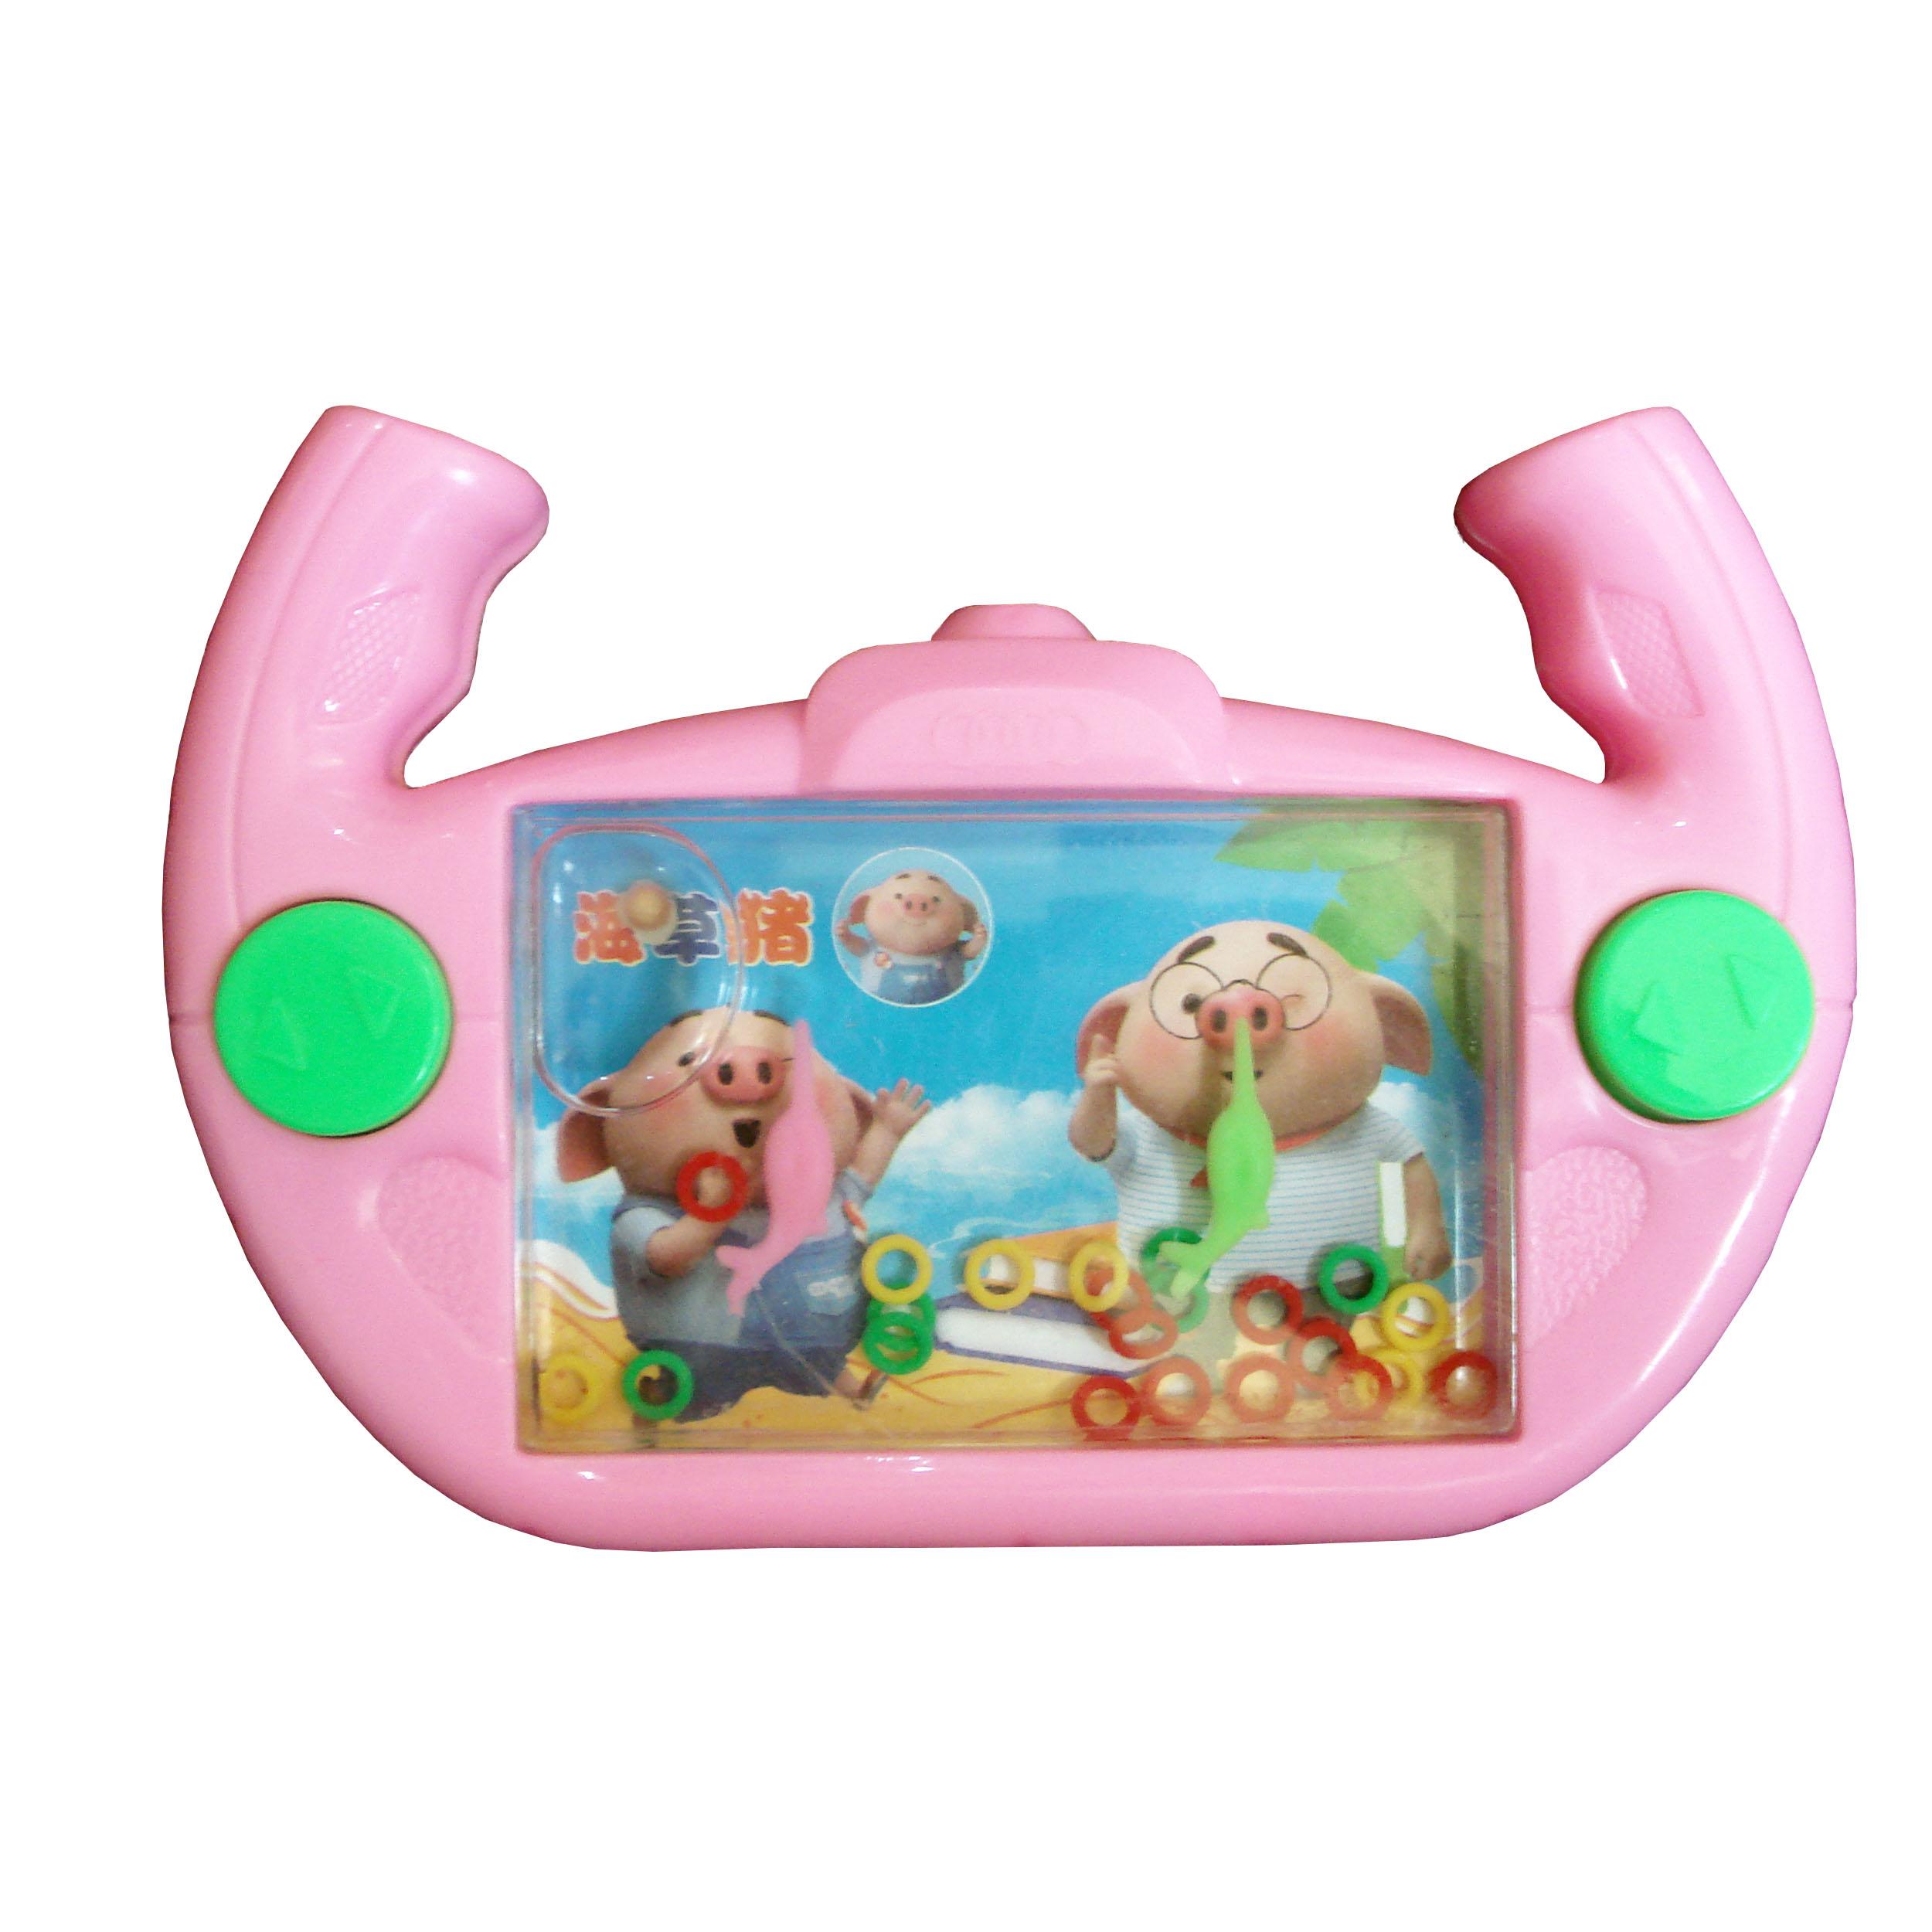 اسباب بازی واتر گیم مدل PIGS